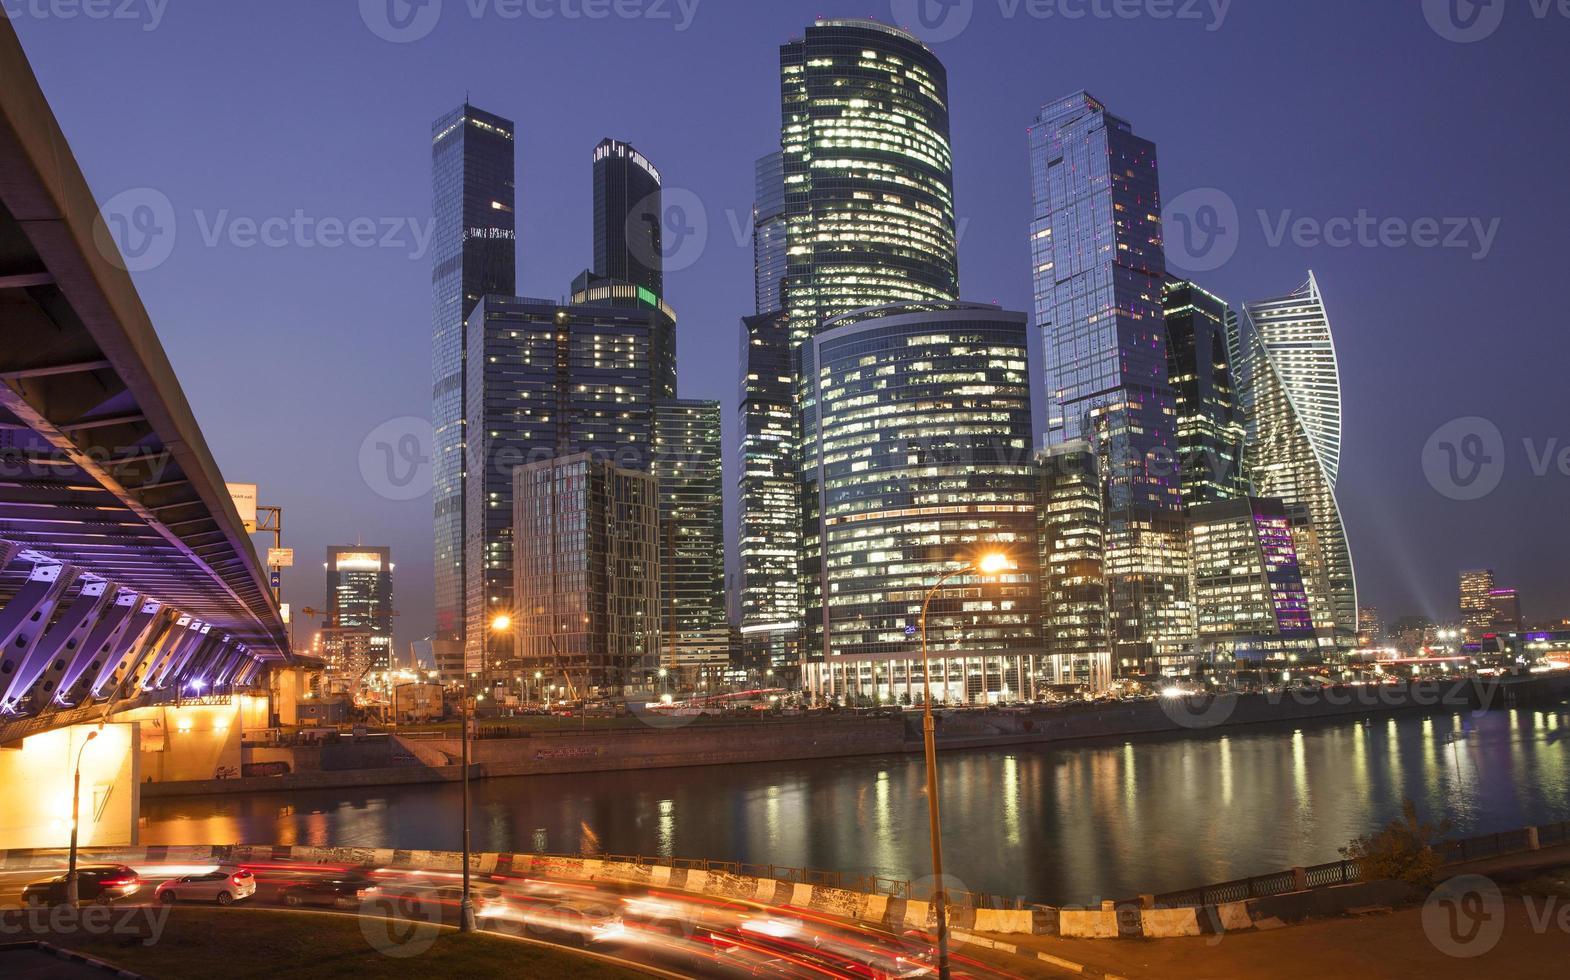 Moskau Stadt - Moskau internationales Geschäftszentrum in der Nacht, Rus foto